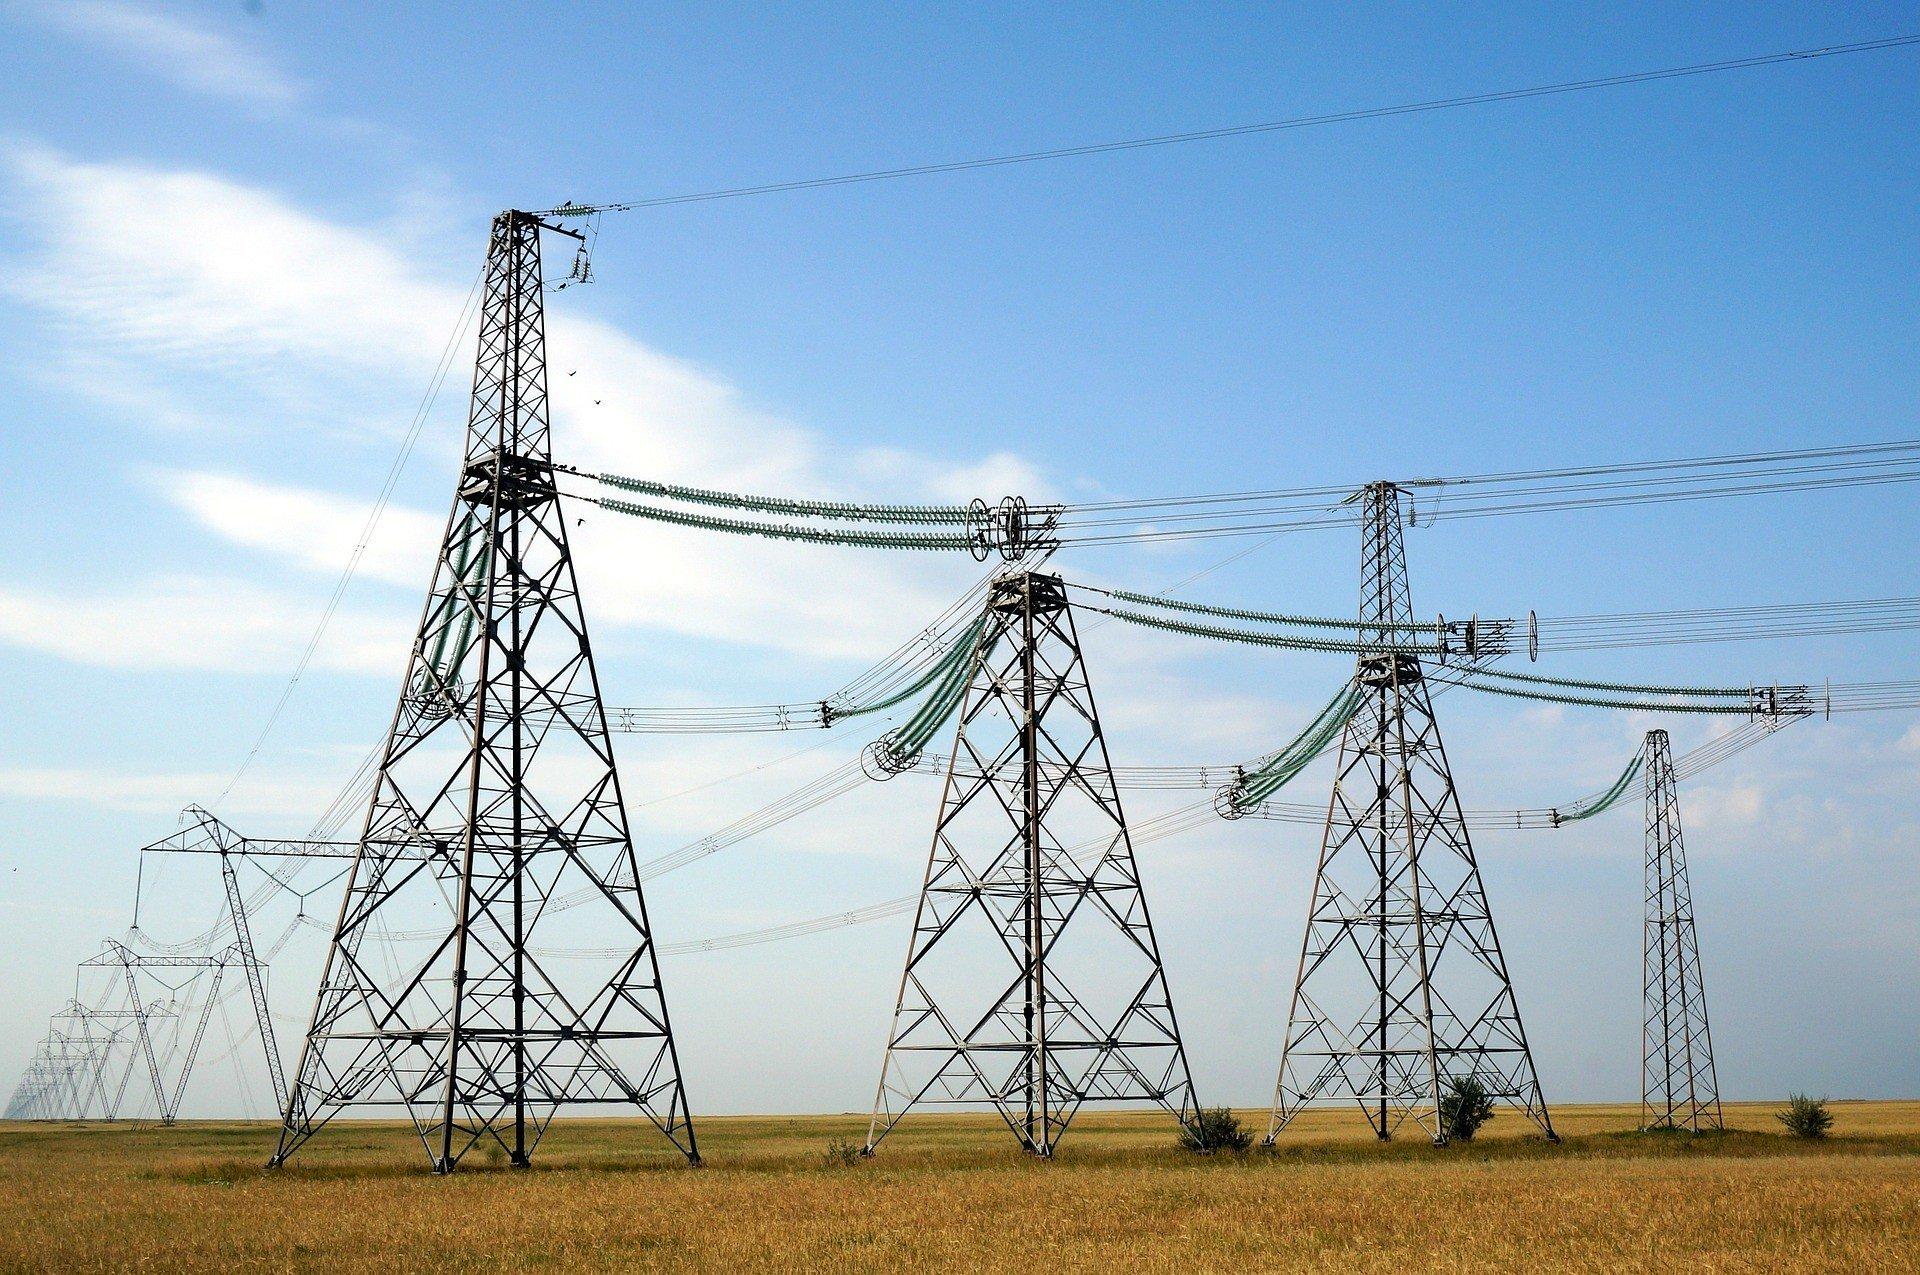 Білорусь повідомила про екстрені постачання електроенергії в Україну